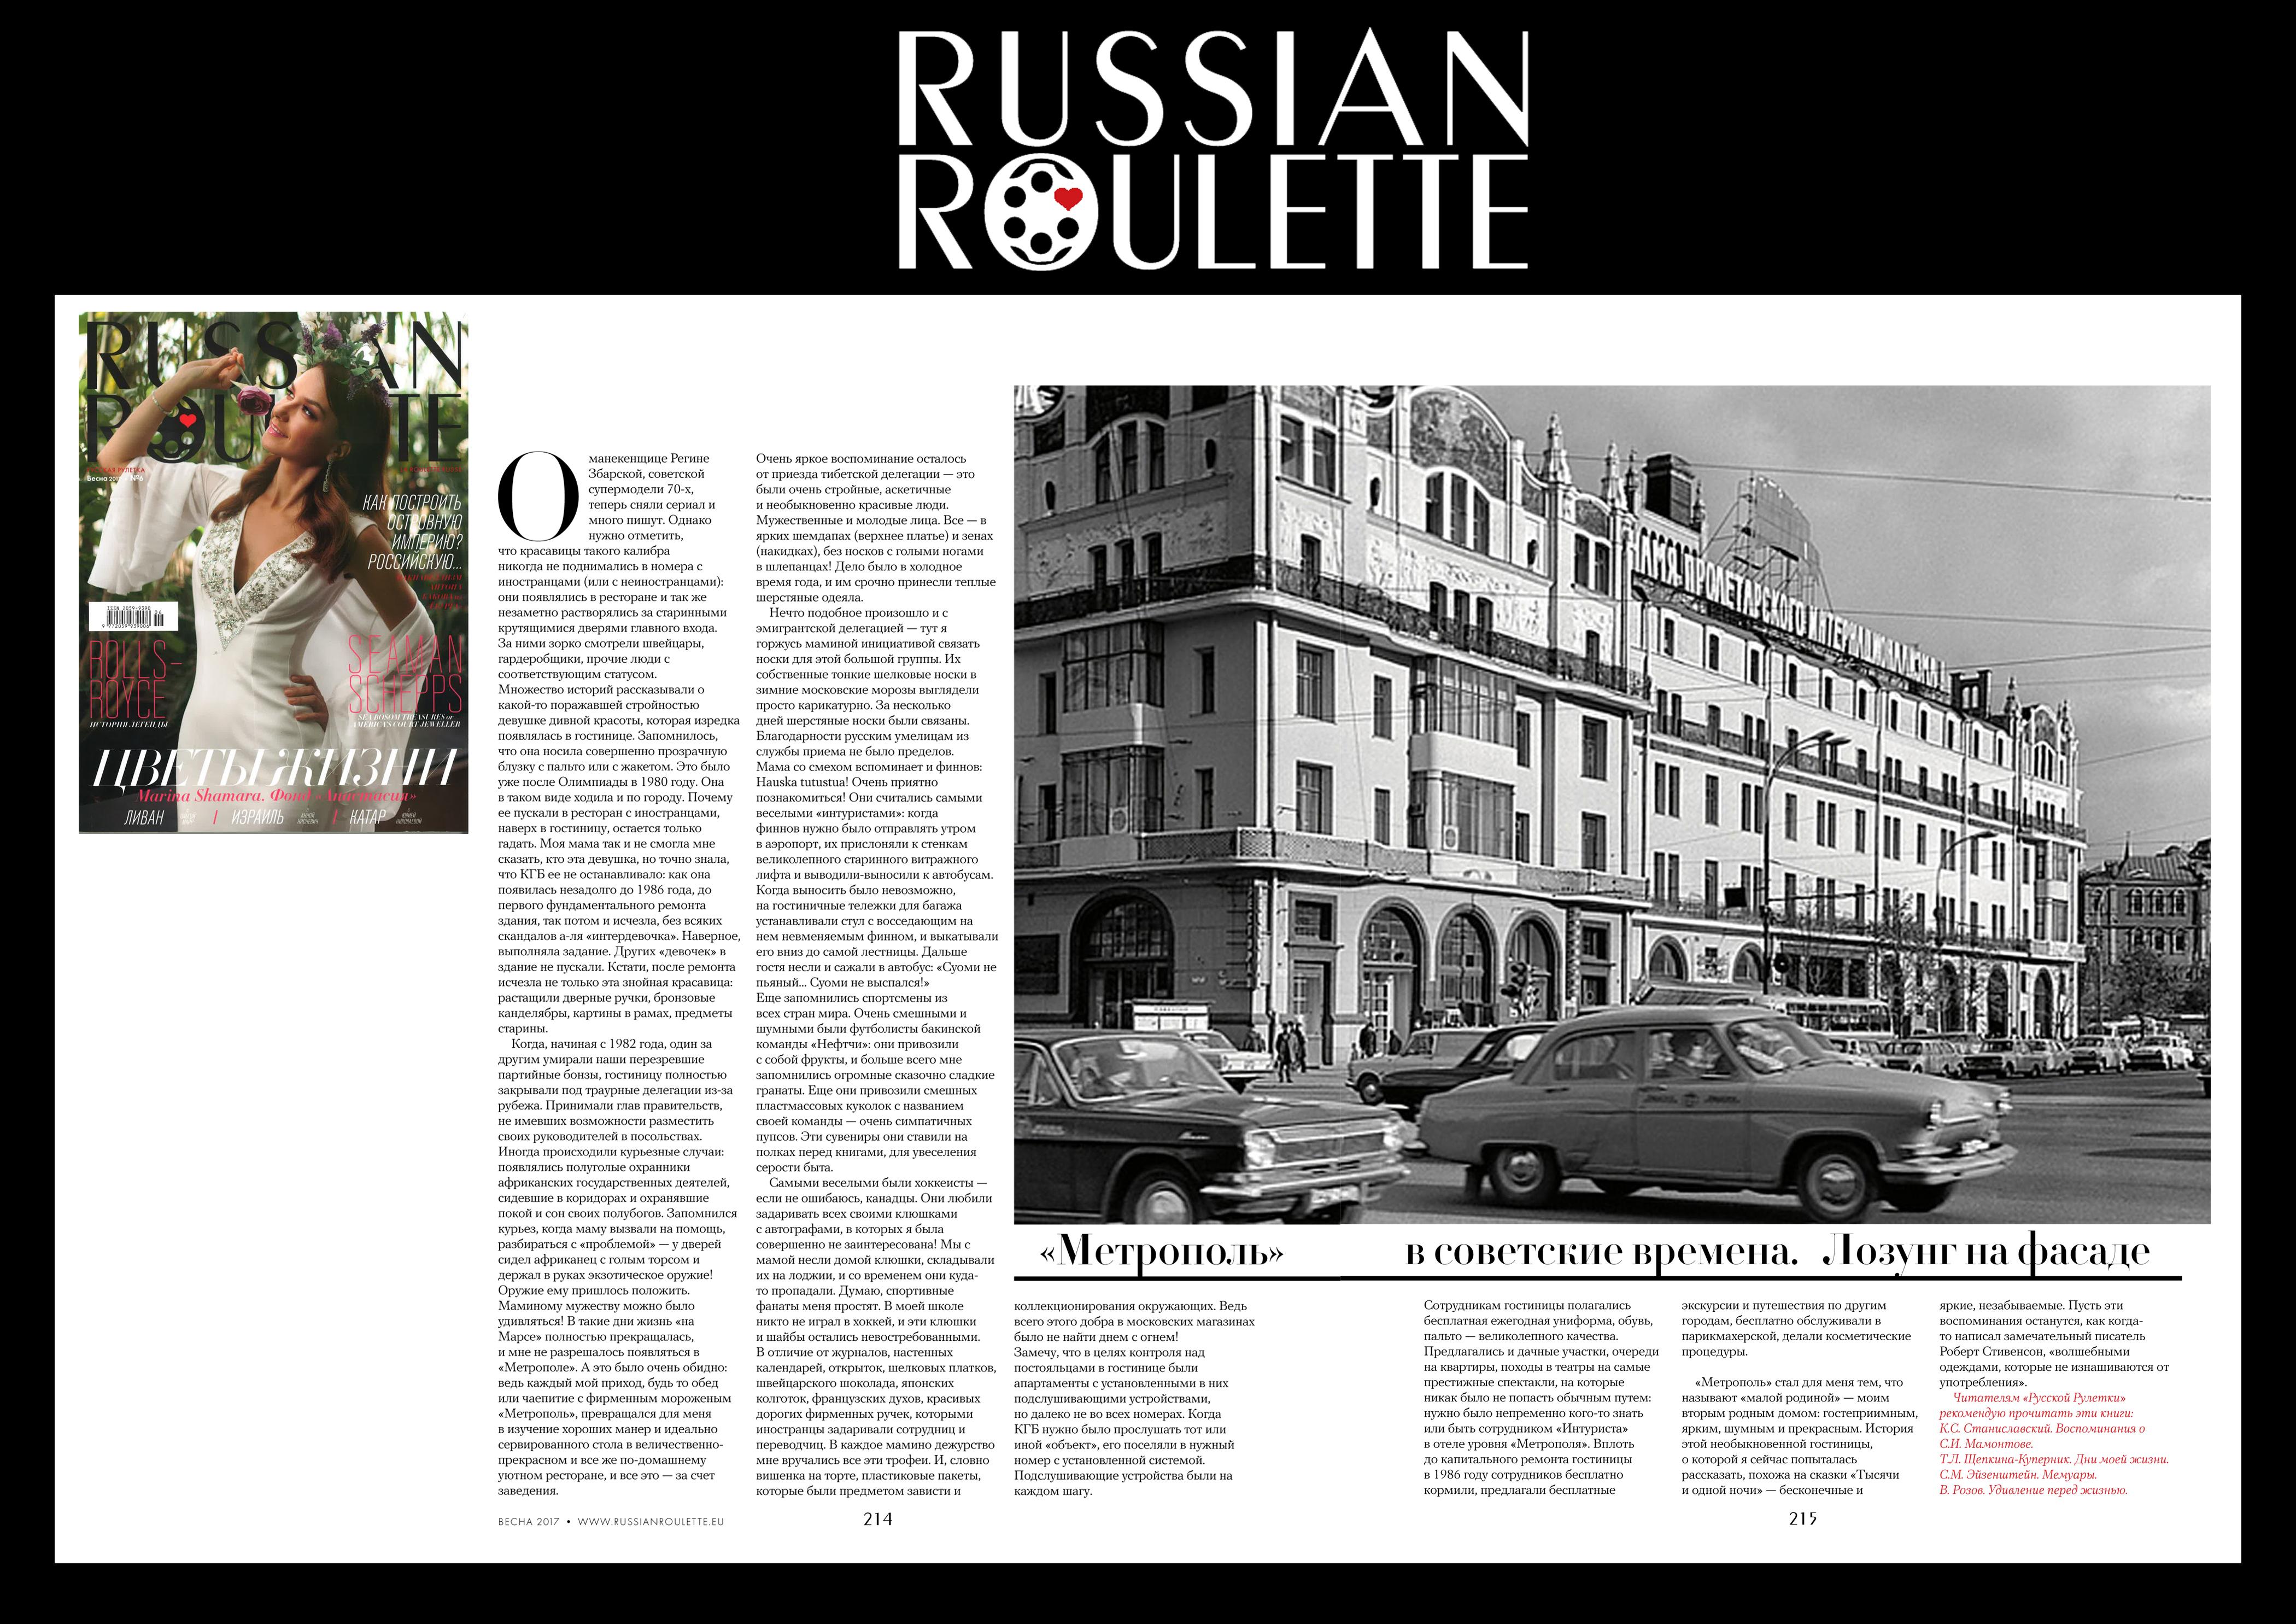 RUSSIAN ROULETTE METROPOLE 3-5